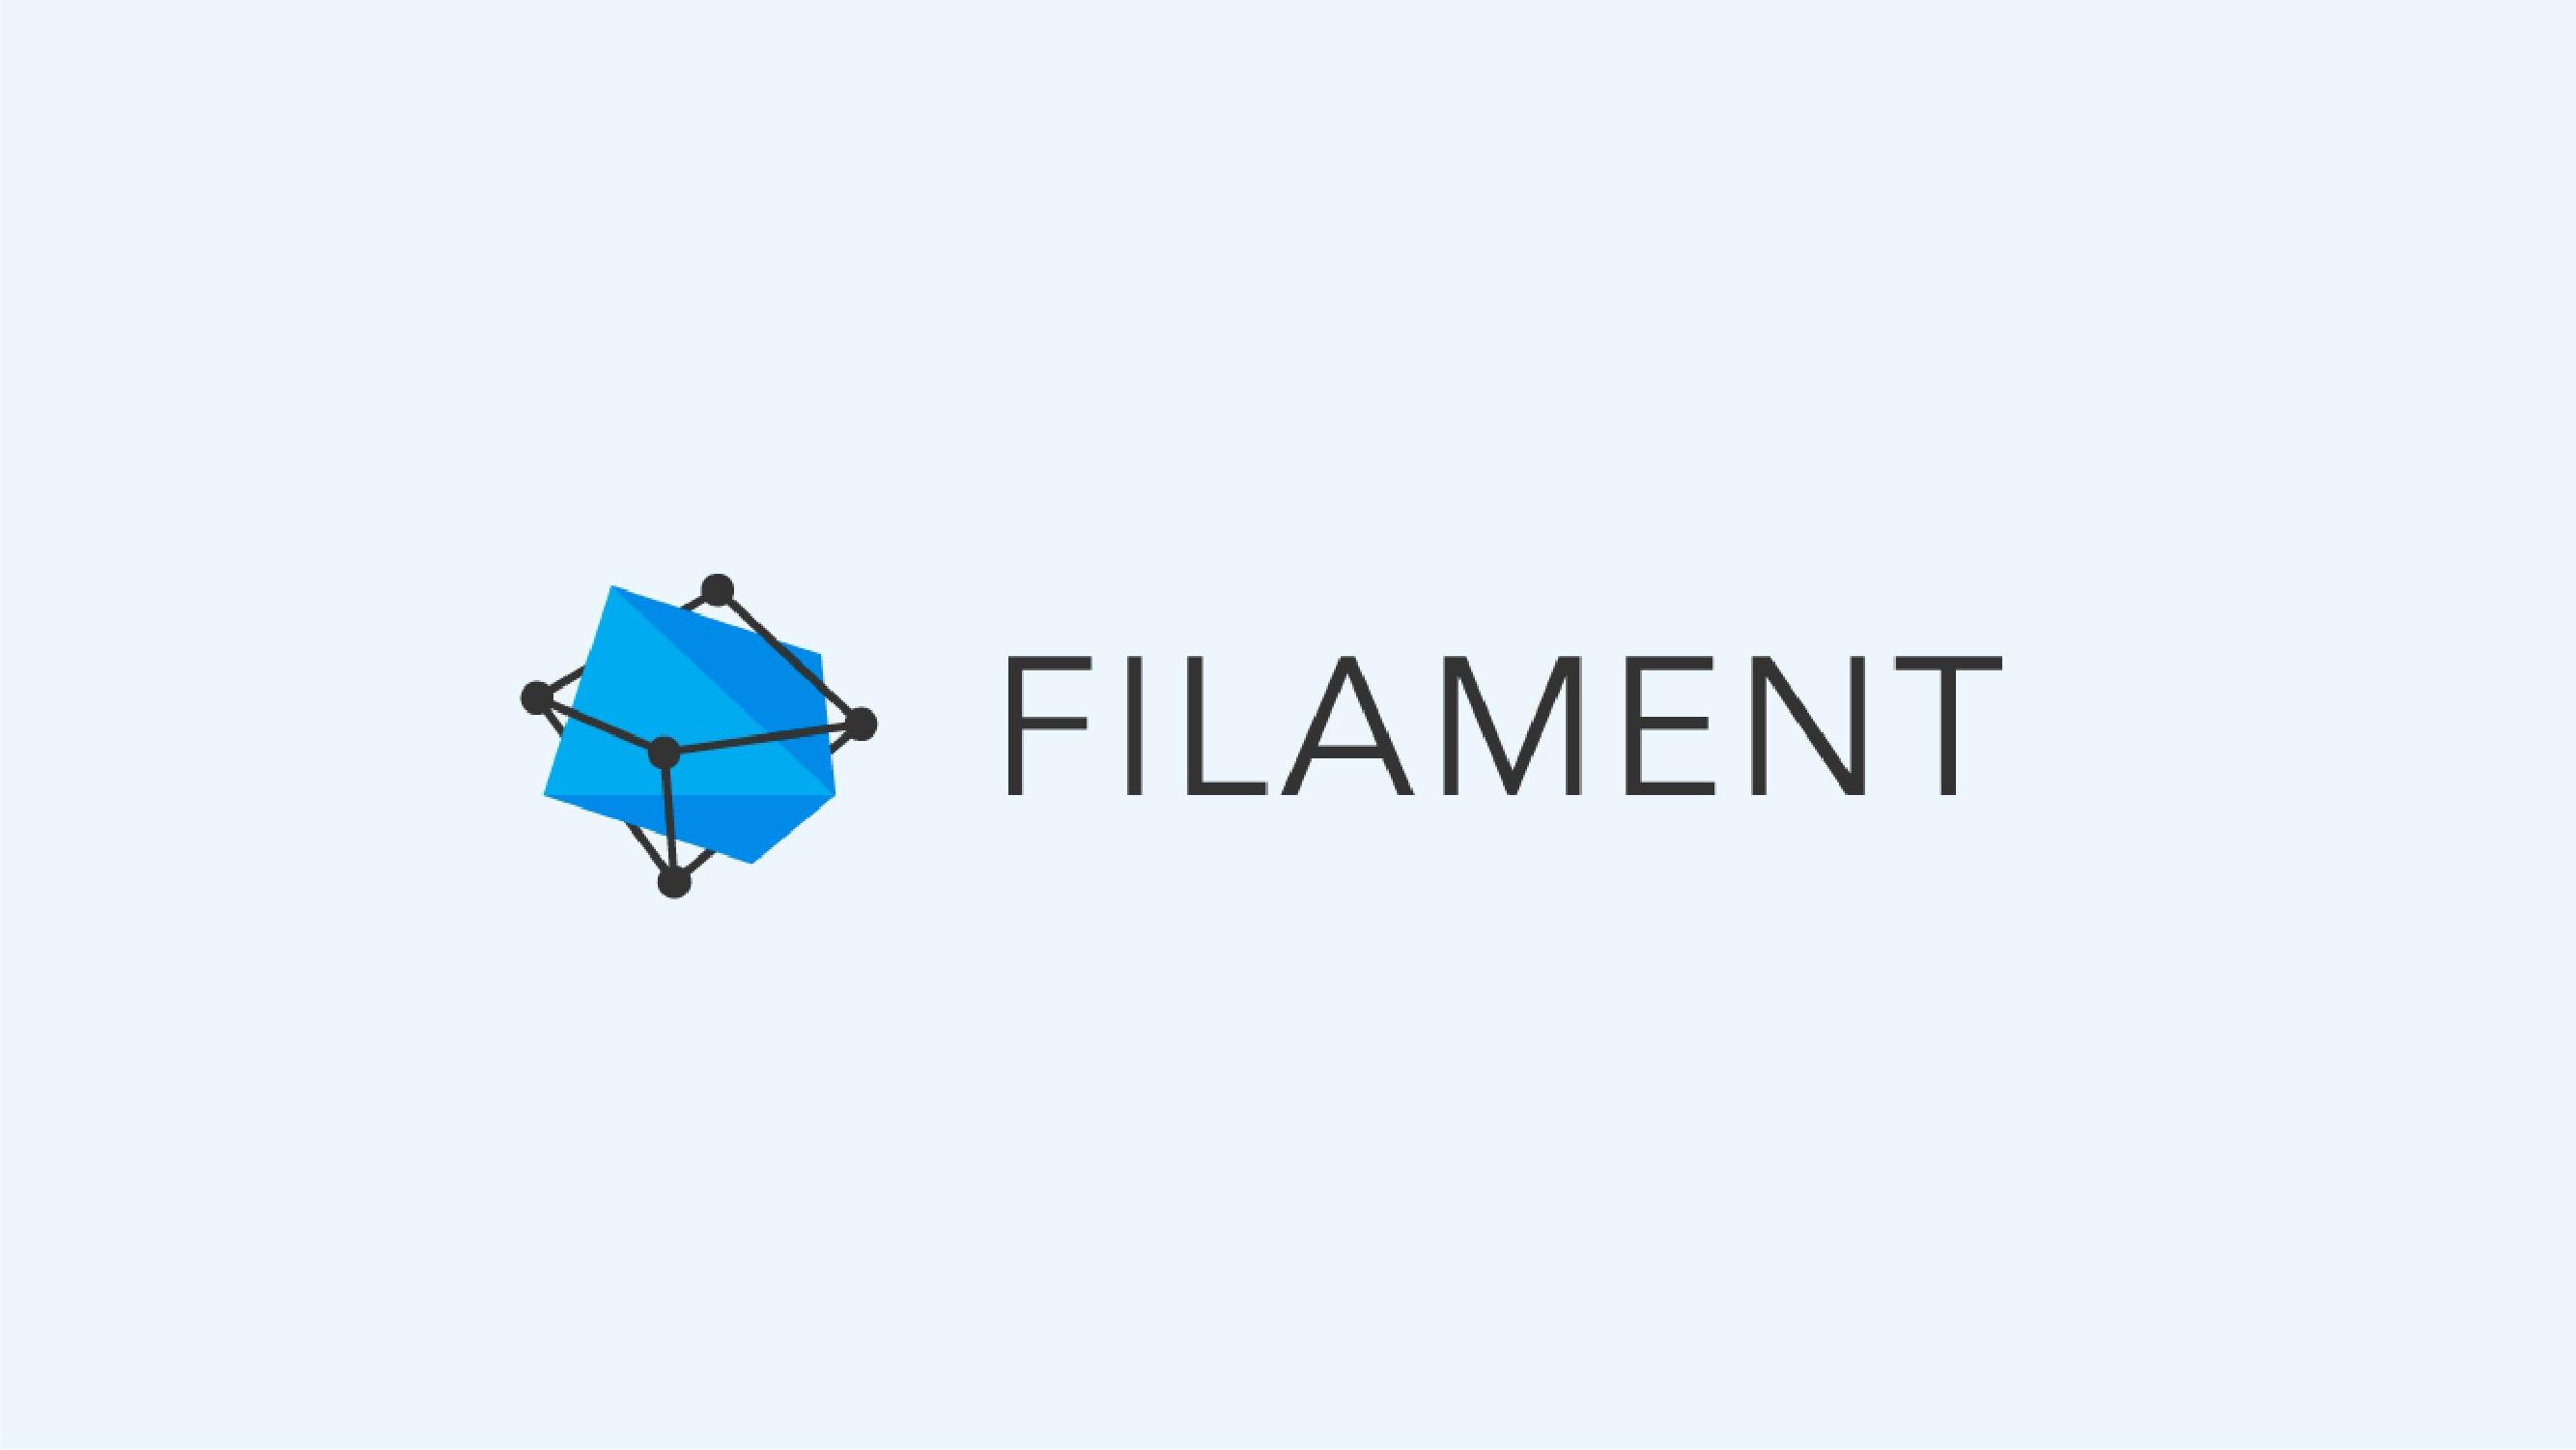 filament-03